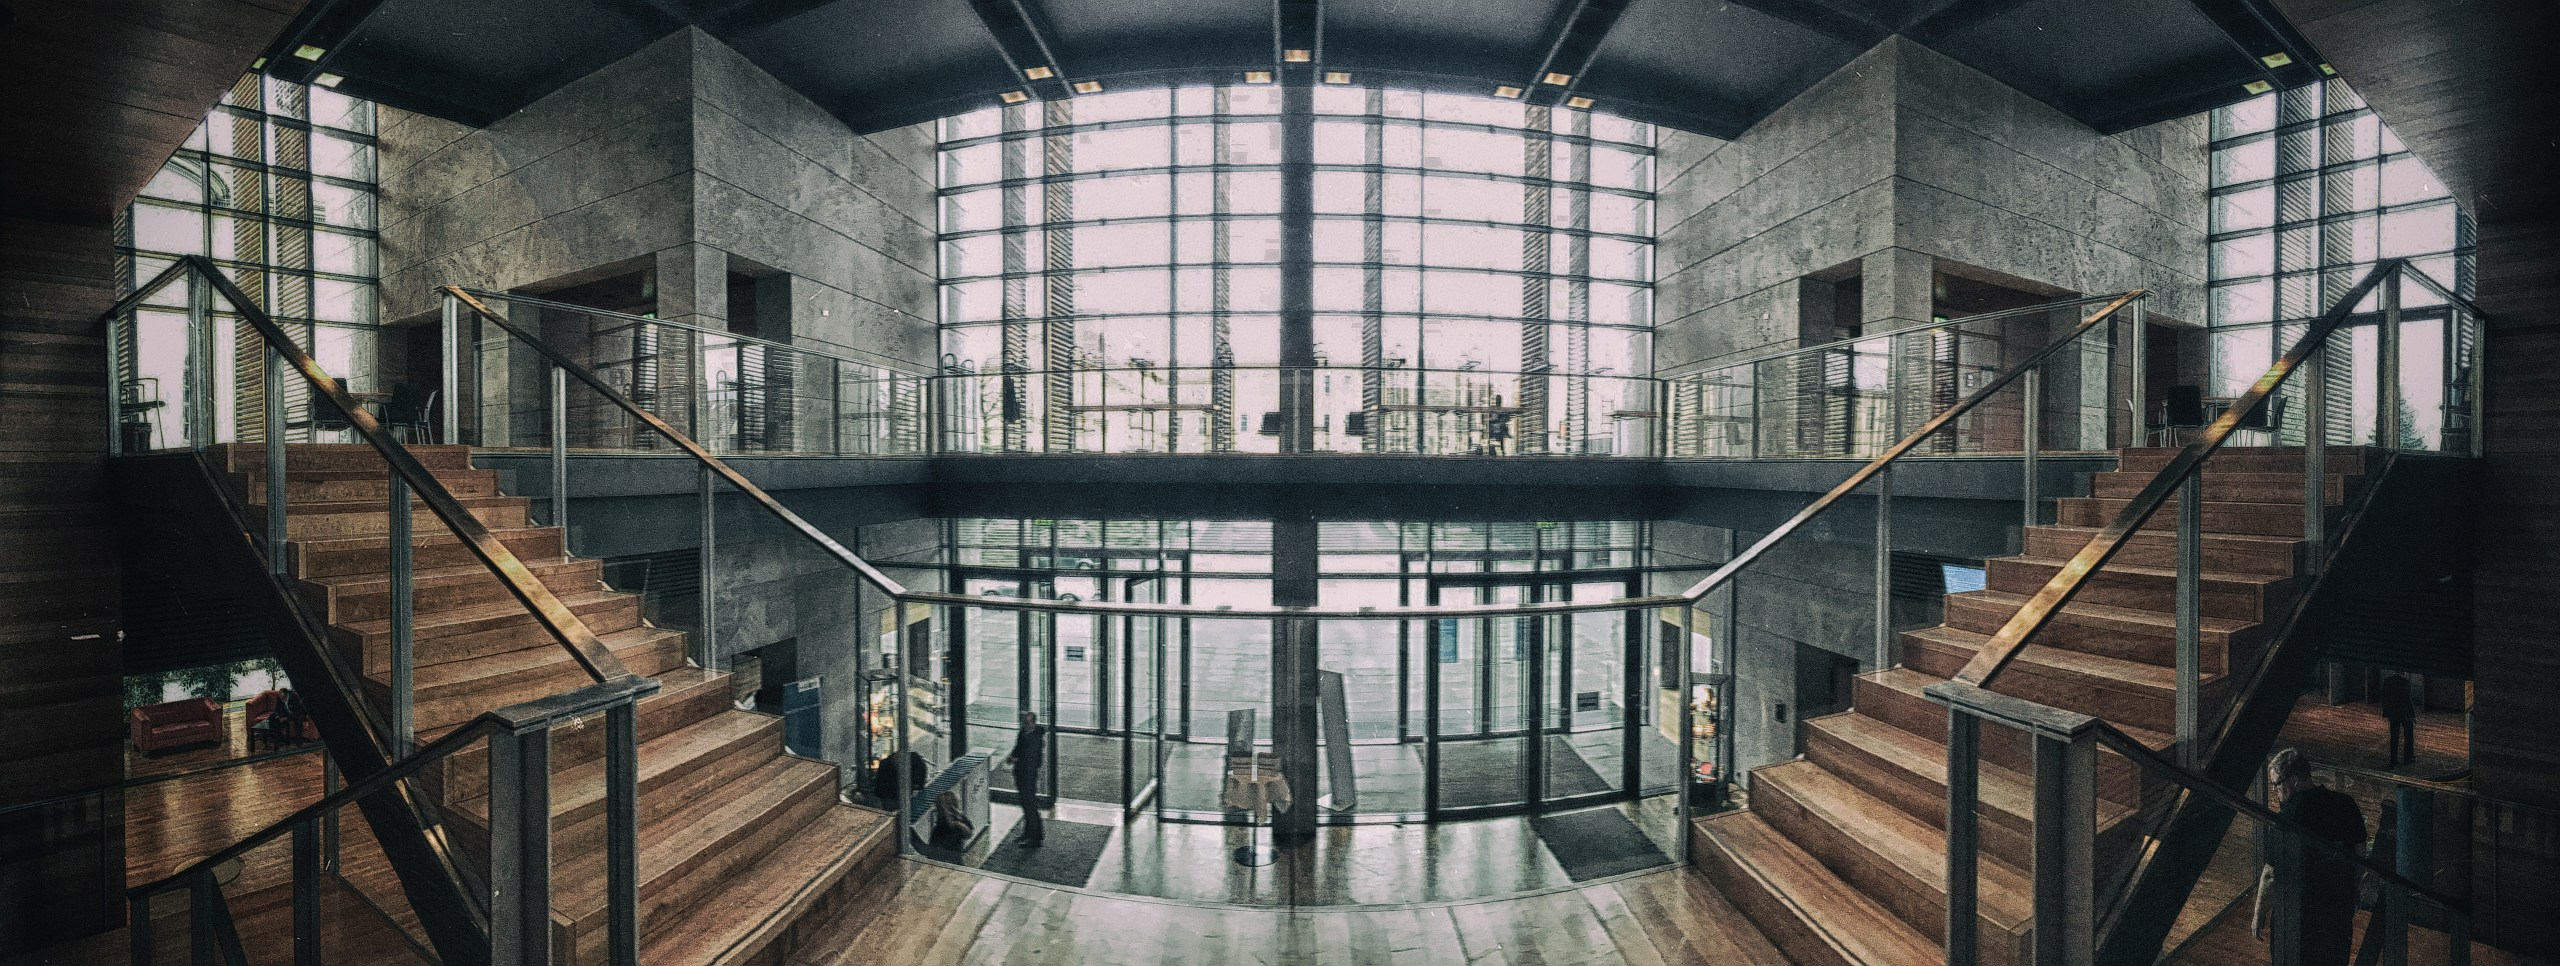 Weimarhalle Weimar Foyer